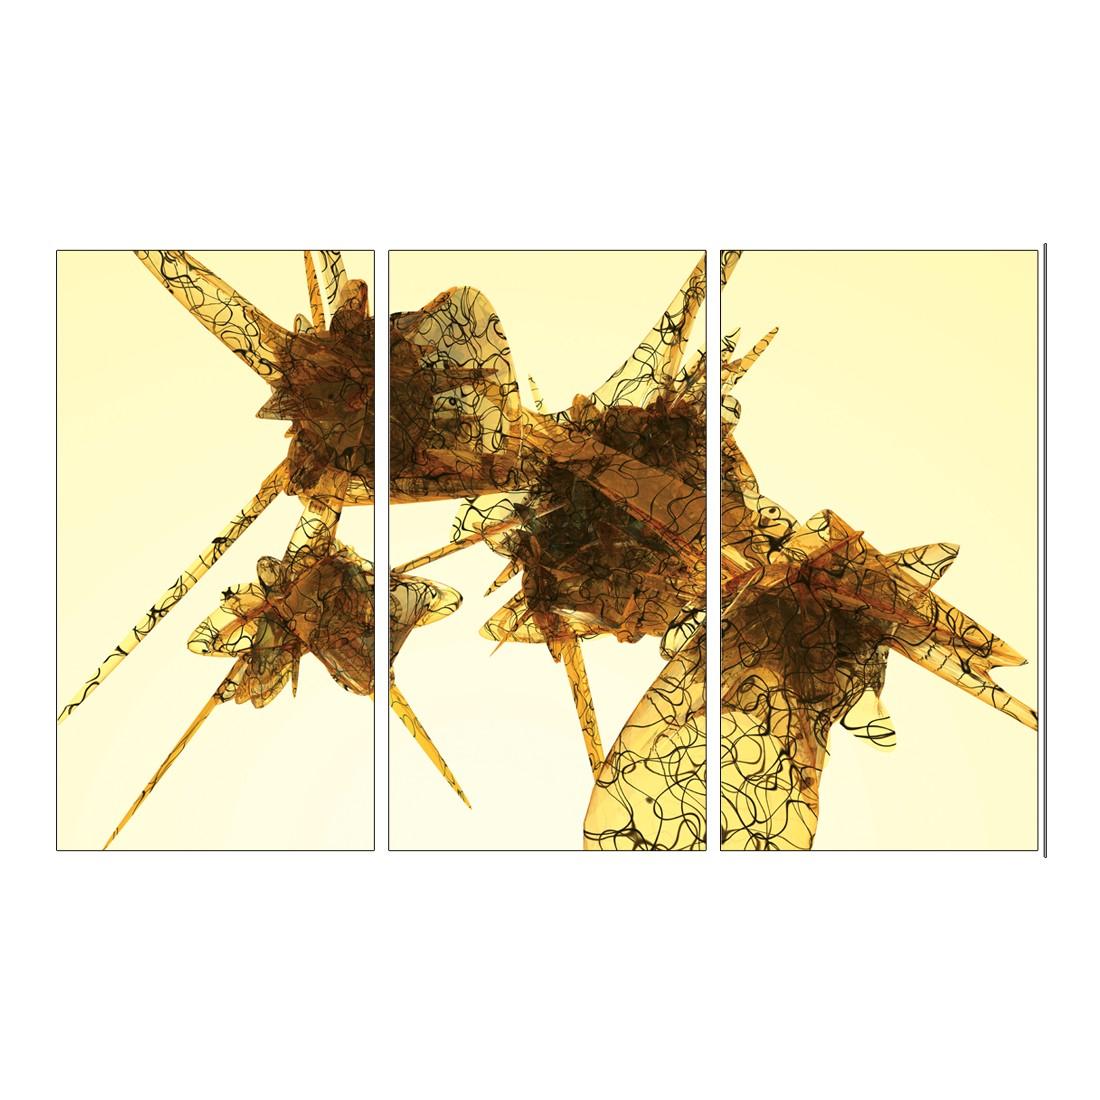 Leinwandbild Golden Dream – 120 x 80cm, Gallery of Innovative Art günstig bestellen